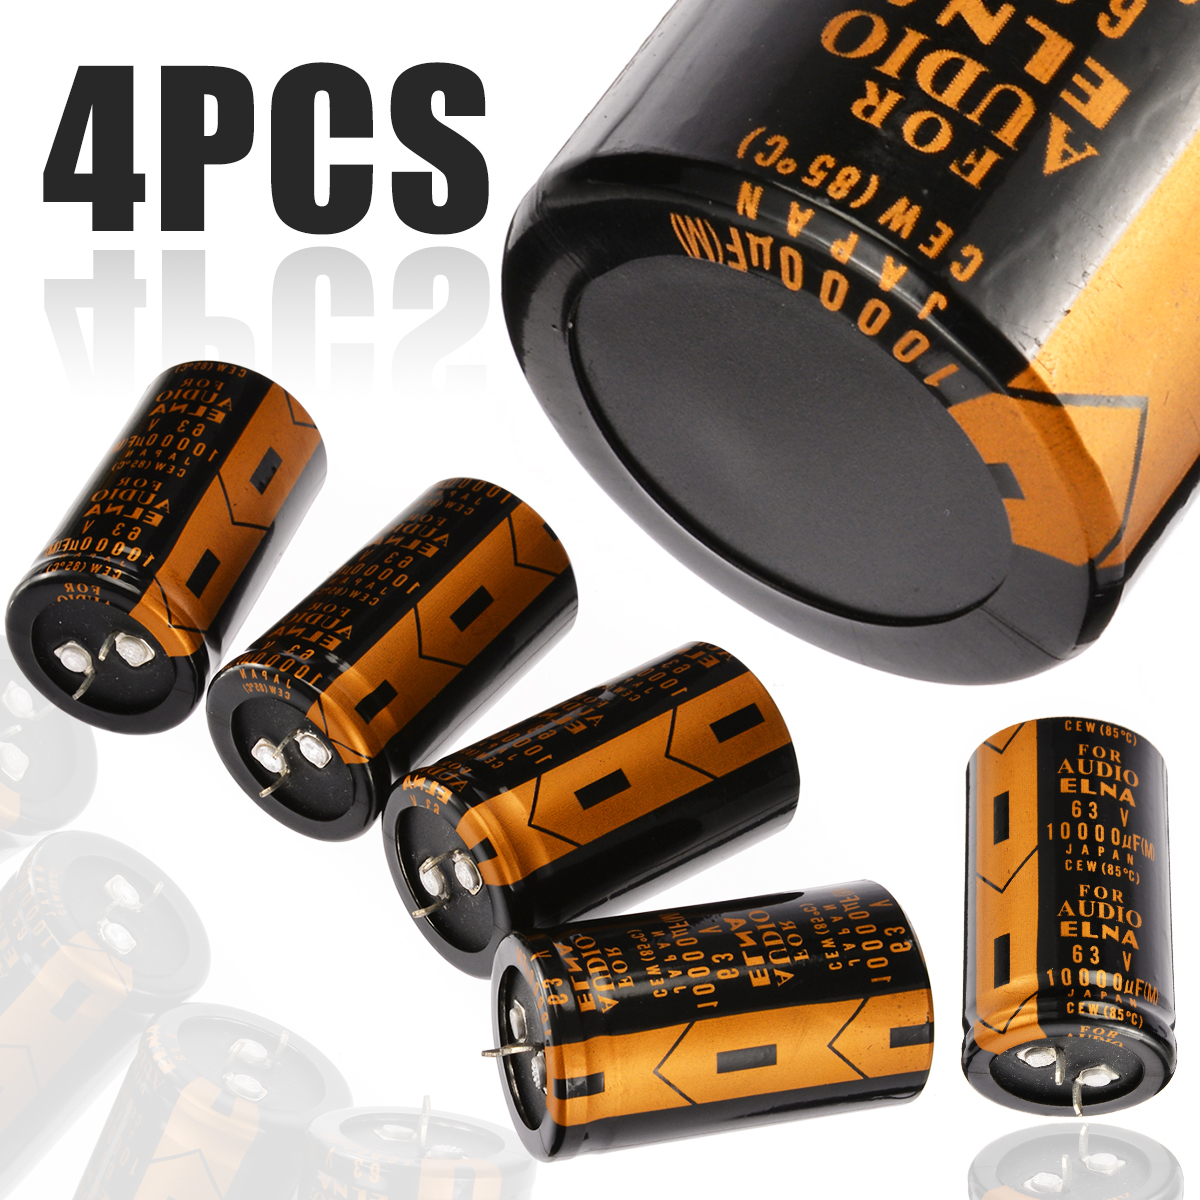 4 шт. сменный электролитический конденсатор для ELNA AUDIO 63V 10000 мкФ 30*50 мм Высокое качество|Детали инструментов|   | АлиЭкспресс